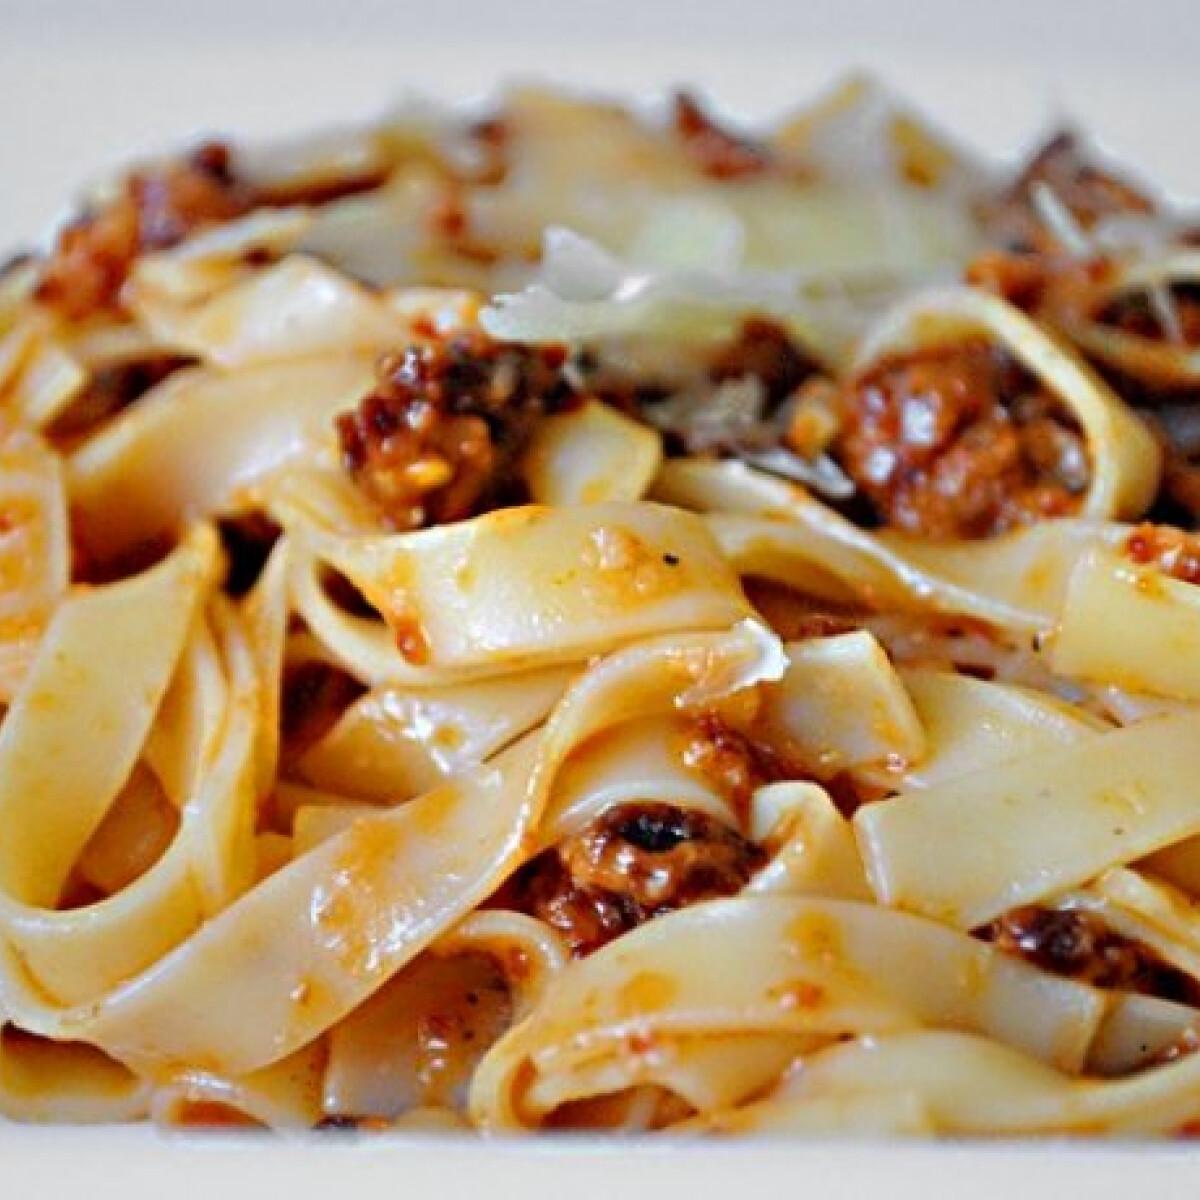 Ezen a képen: Pesto rosso tagliatelle-vel